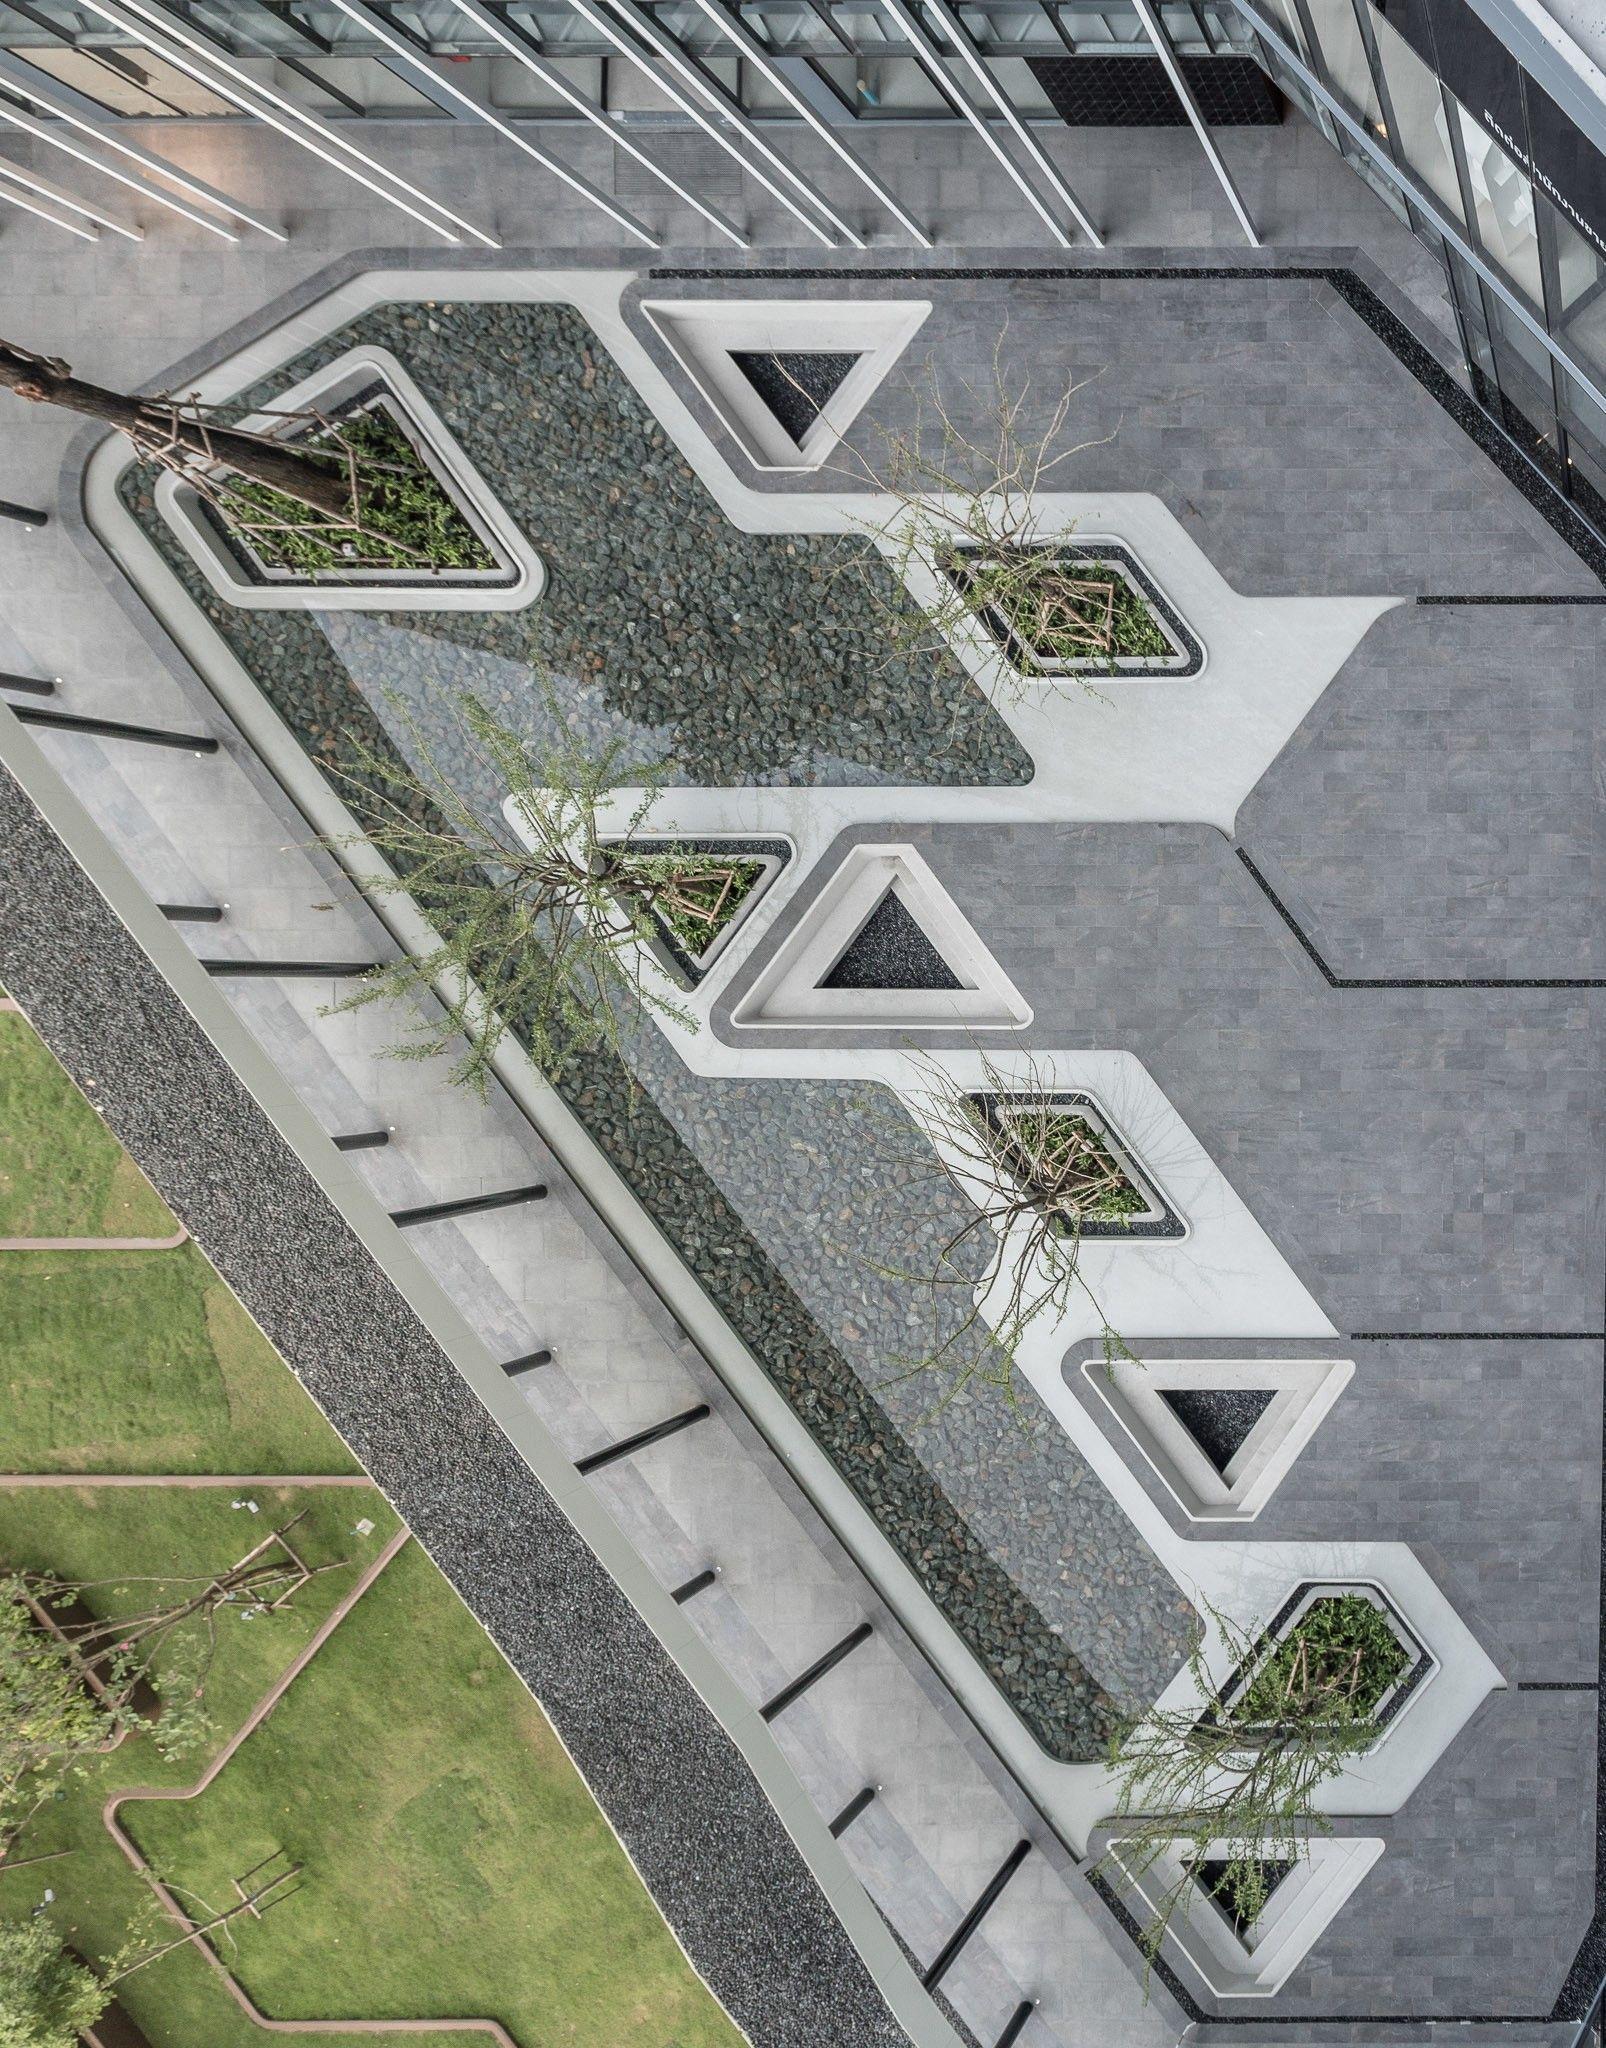 Urbanlandscapearchitecture Landscape Design Urban Landscape Design Landscape Architecture Design